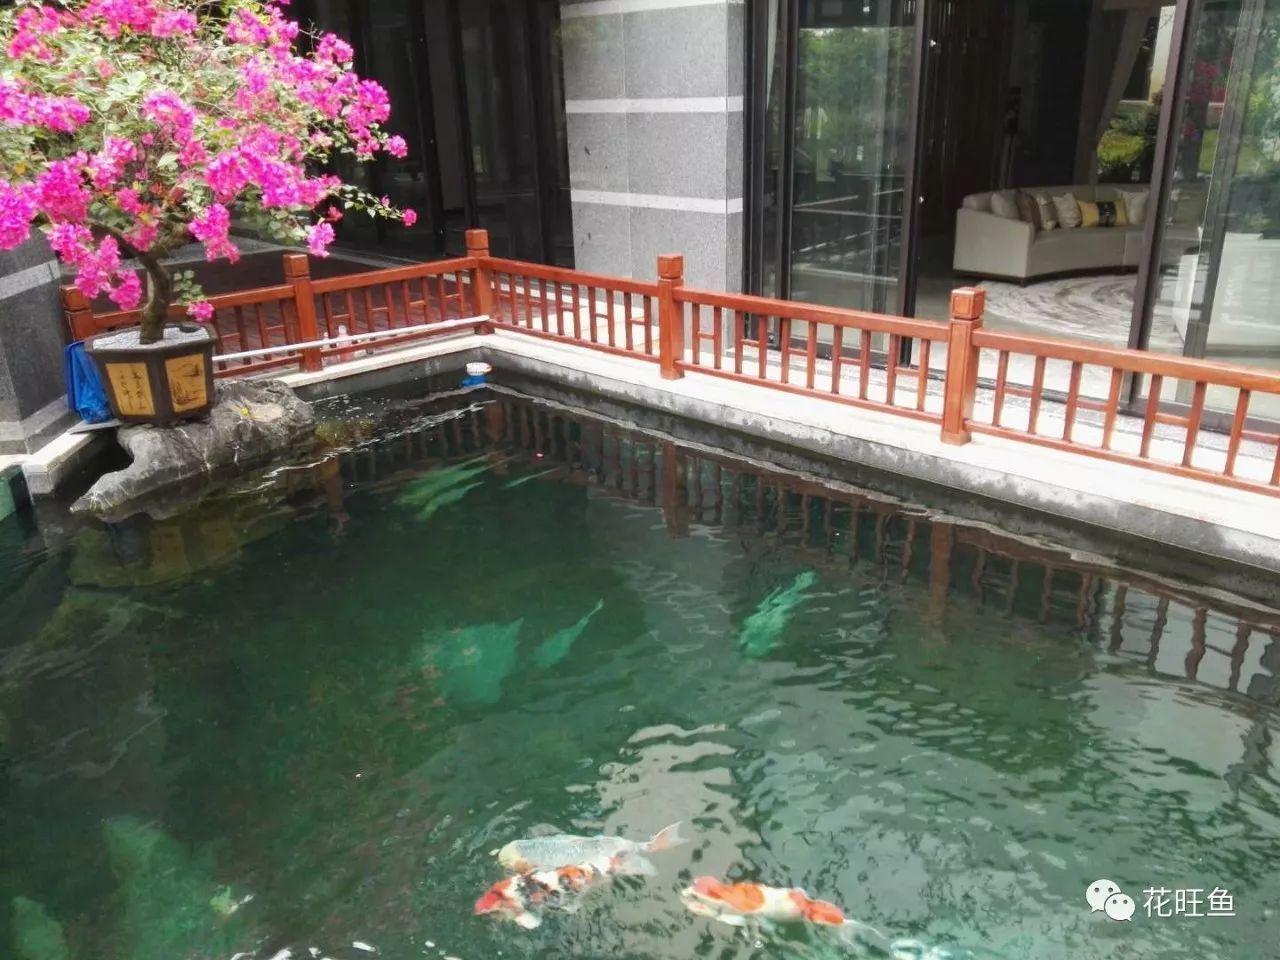 鱼菜共生之私家庭院假山鱼池设计效果图_手机搜狐网